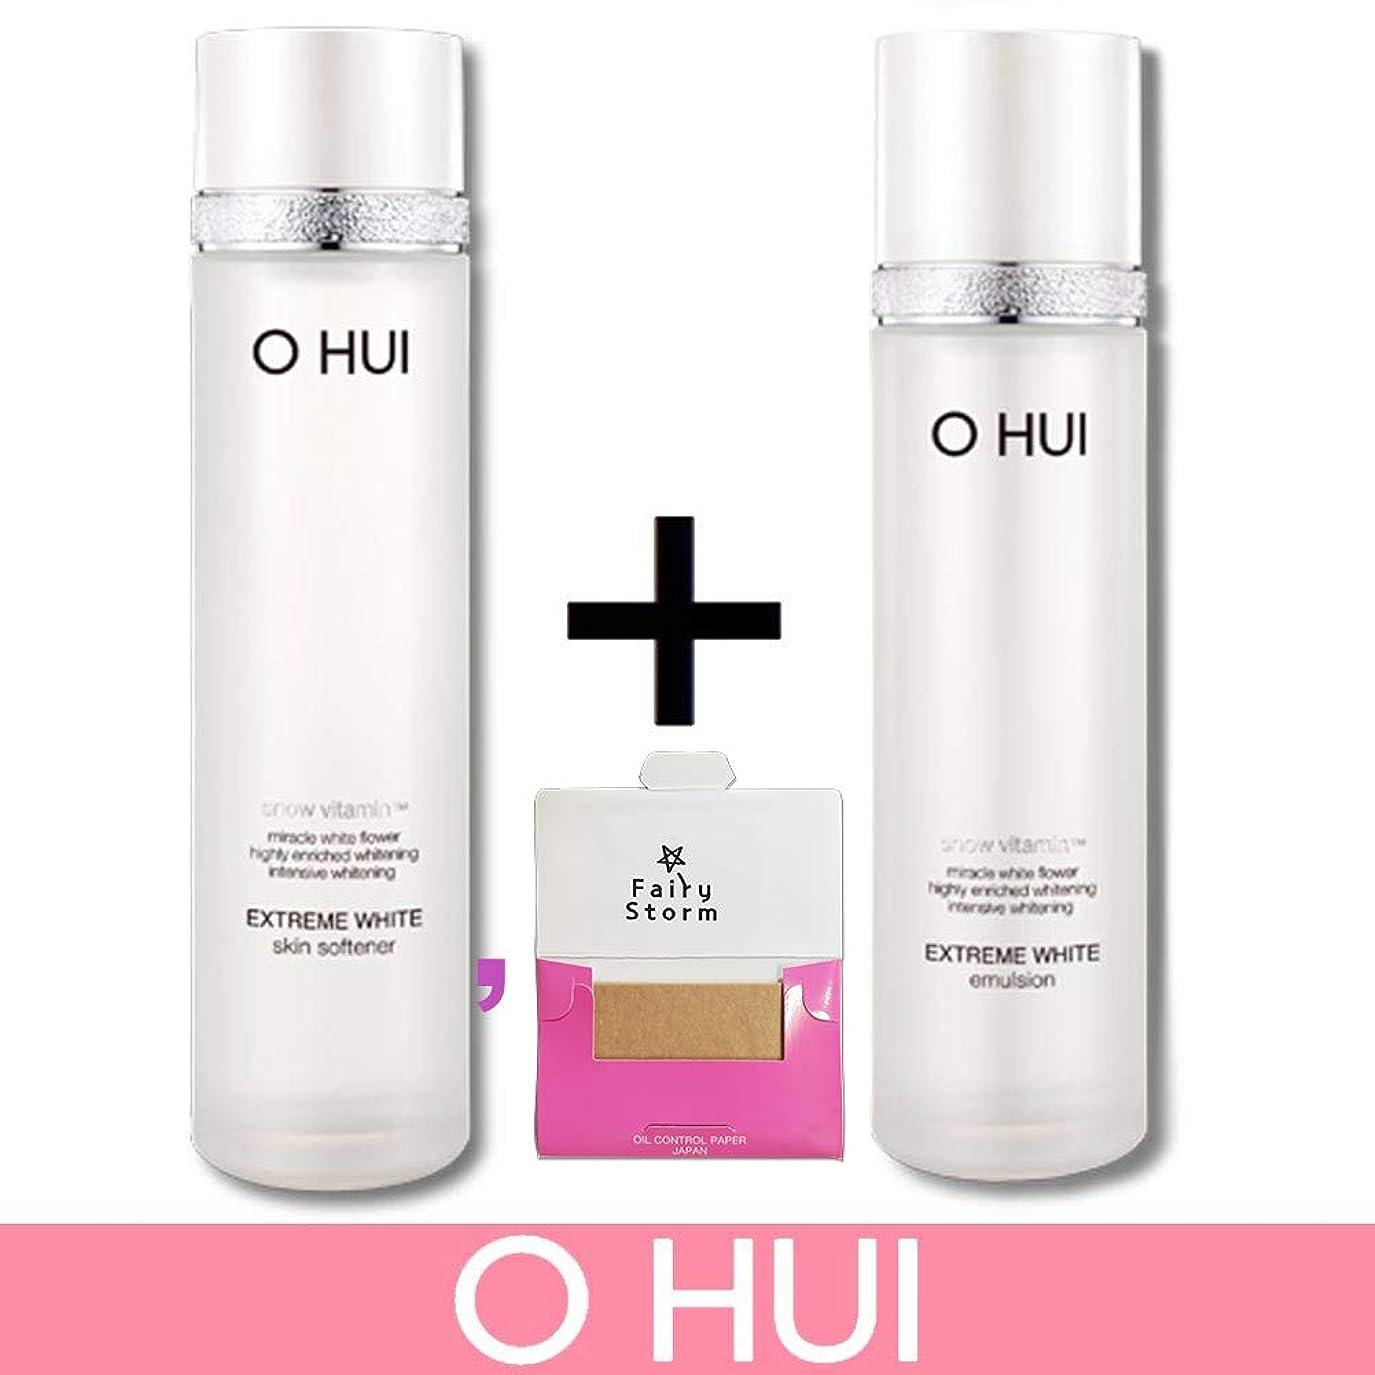 見つけるマージ効率[オフィ/ O HUI]韓国化粧品 LG生活健康/ OHUI Extreme White Skin Softener+ EMULSION/エクストリームホワイトスキンソフナー150ml+エマルジョン130ml+[Sample Gift](海外直送品)